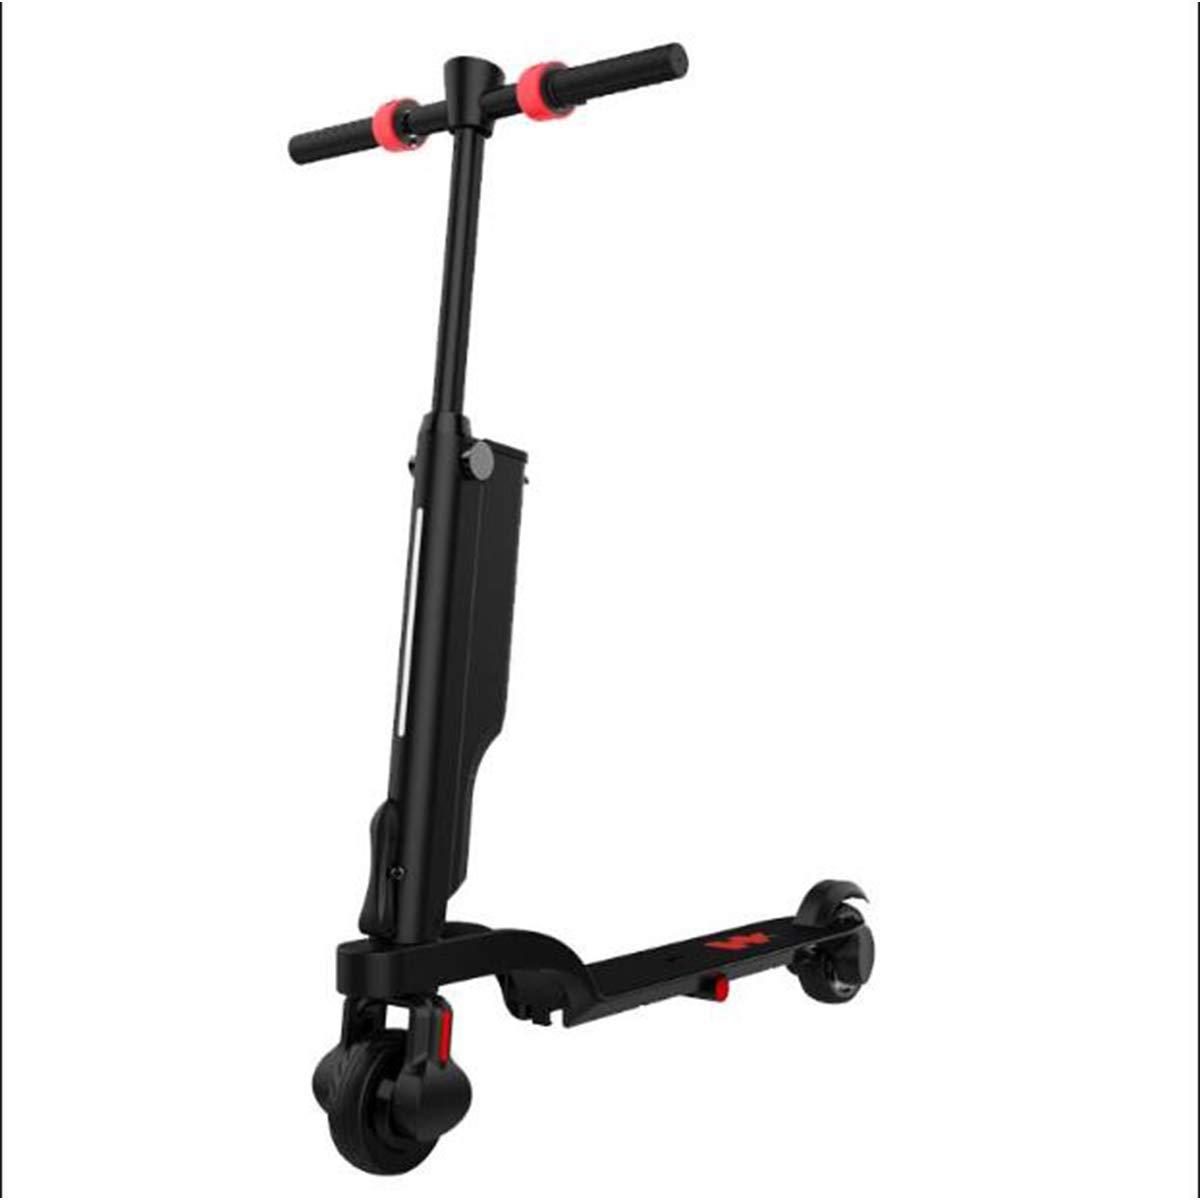 marcas de moda Daxiong Nuevo Nuevo Nuevo Scooter eléctrico Adulto Scooter Plegable de Dos Ruedas Coche eléctrico para Trabajar fácil de Llevar  despacho de tienda